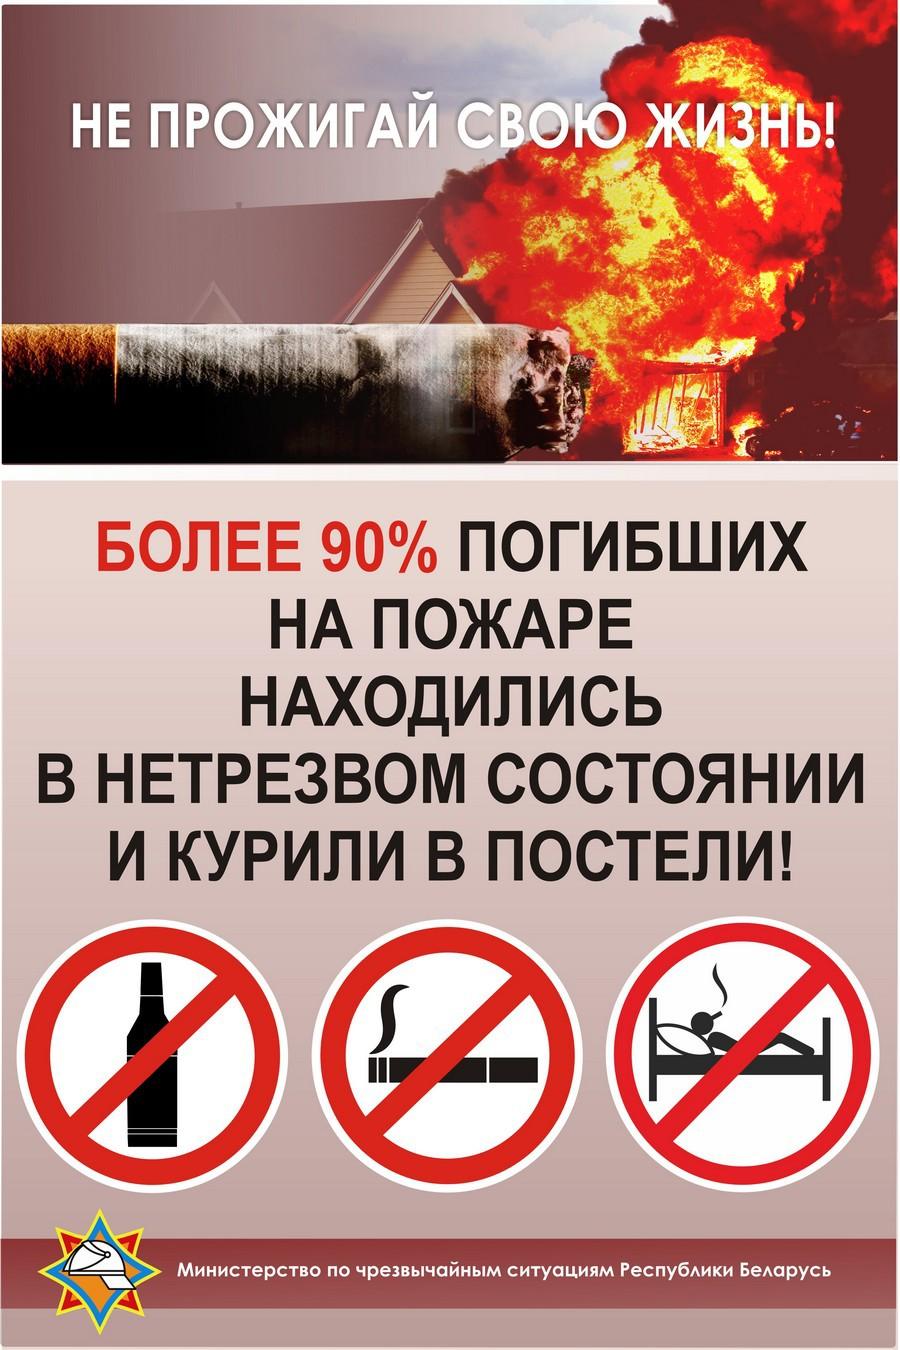 С 12 ноября в Бобруйске стартует акция «Не прожигай свою жизнь!»